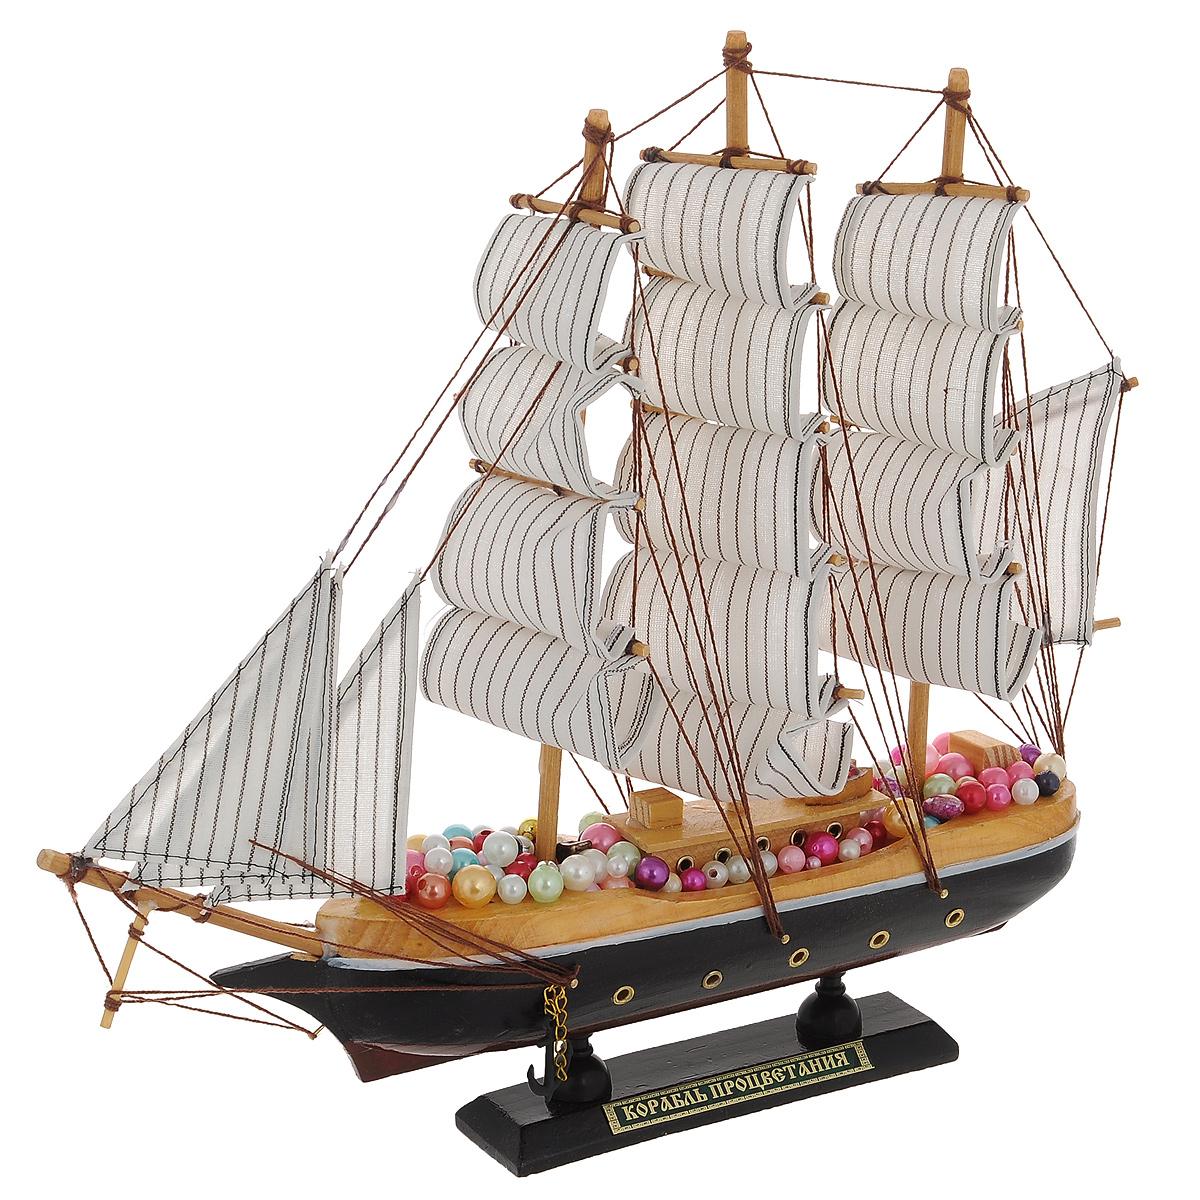 Корабль сувенирный Корабль процветания, длина 33 см41619Сувенирный корабль Корабль процветания, изготовленный из дерева, металла и текстиля, это великолепный элемент декора рабочей зоны в офисе или кабинете. Корабль с парусами и якорями помещен на деревянную подставку. Палуба корабля украшена разноцветными бусинами. Время идет, и мы становимся свидетелями развития технического прогресса, новых учений и практик. Но одно не подвластно времени - это любовь человека к морю и кораблям. Сувенирный корабль наполнен историей и силой океанских вод. Данная модель кораблика станет отличным подарком для всех любителей морей, поклонников историй о покорении океанов и неизведанных земель. Модель корабля - подарок со смыслом. Издавна на Руси считалось, что корабли приносят удачу и везение. Поэтому их изображения, фигурки и точные копии всегда присутствовали в помещениях. Удивите себя и своих близких необычным презентом.Размер корабля (с учетом подставки): 33 см х 6 см х 32 см.